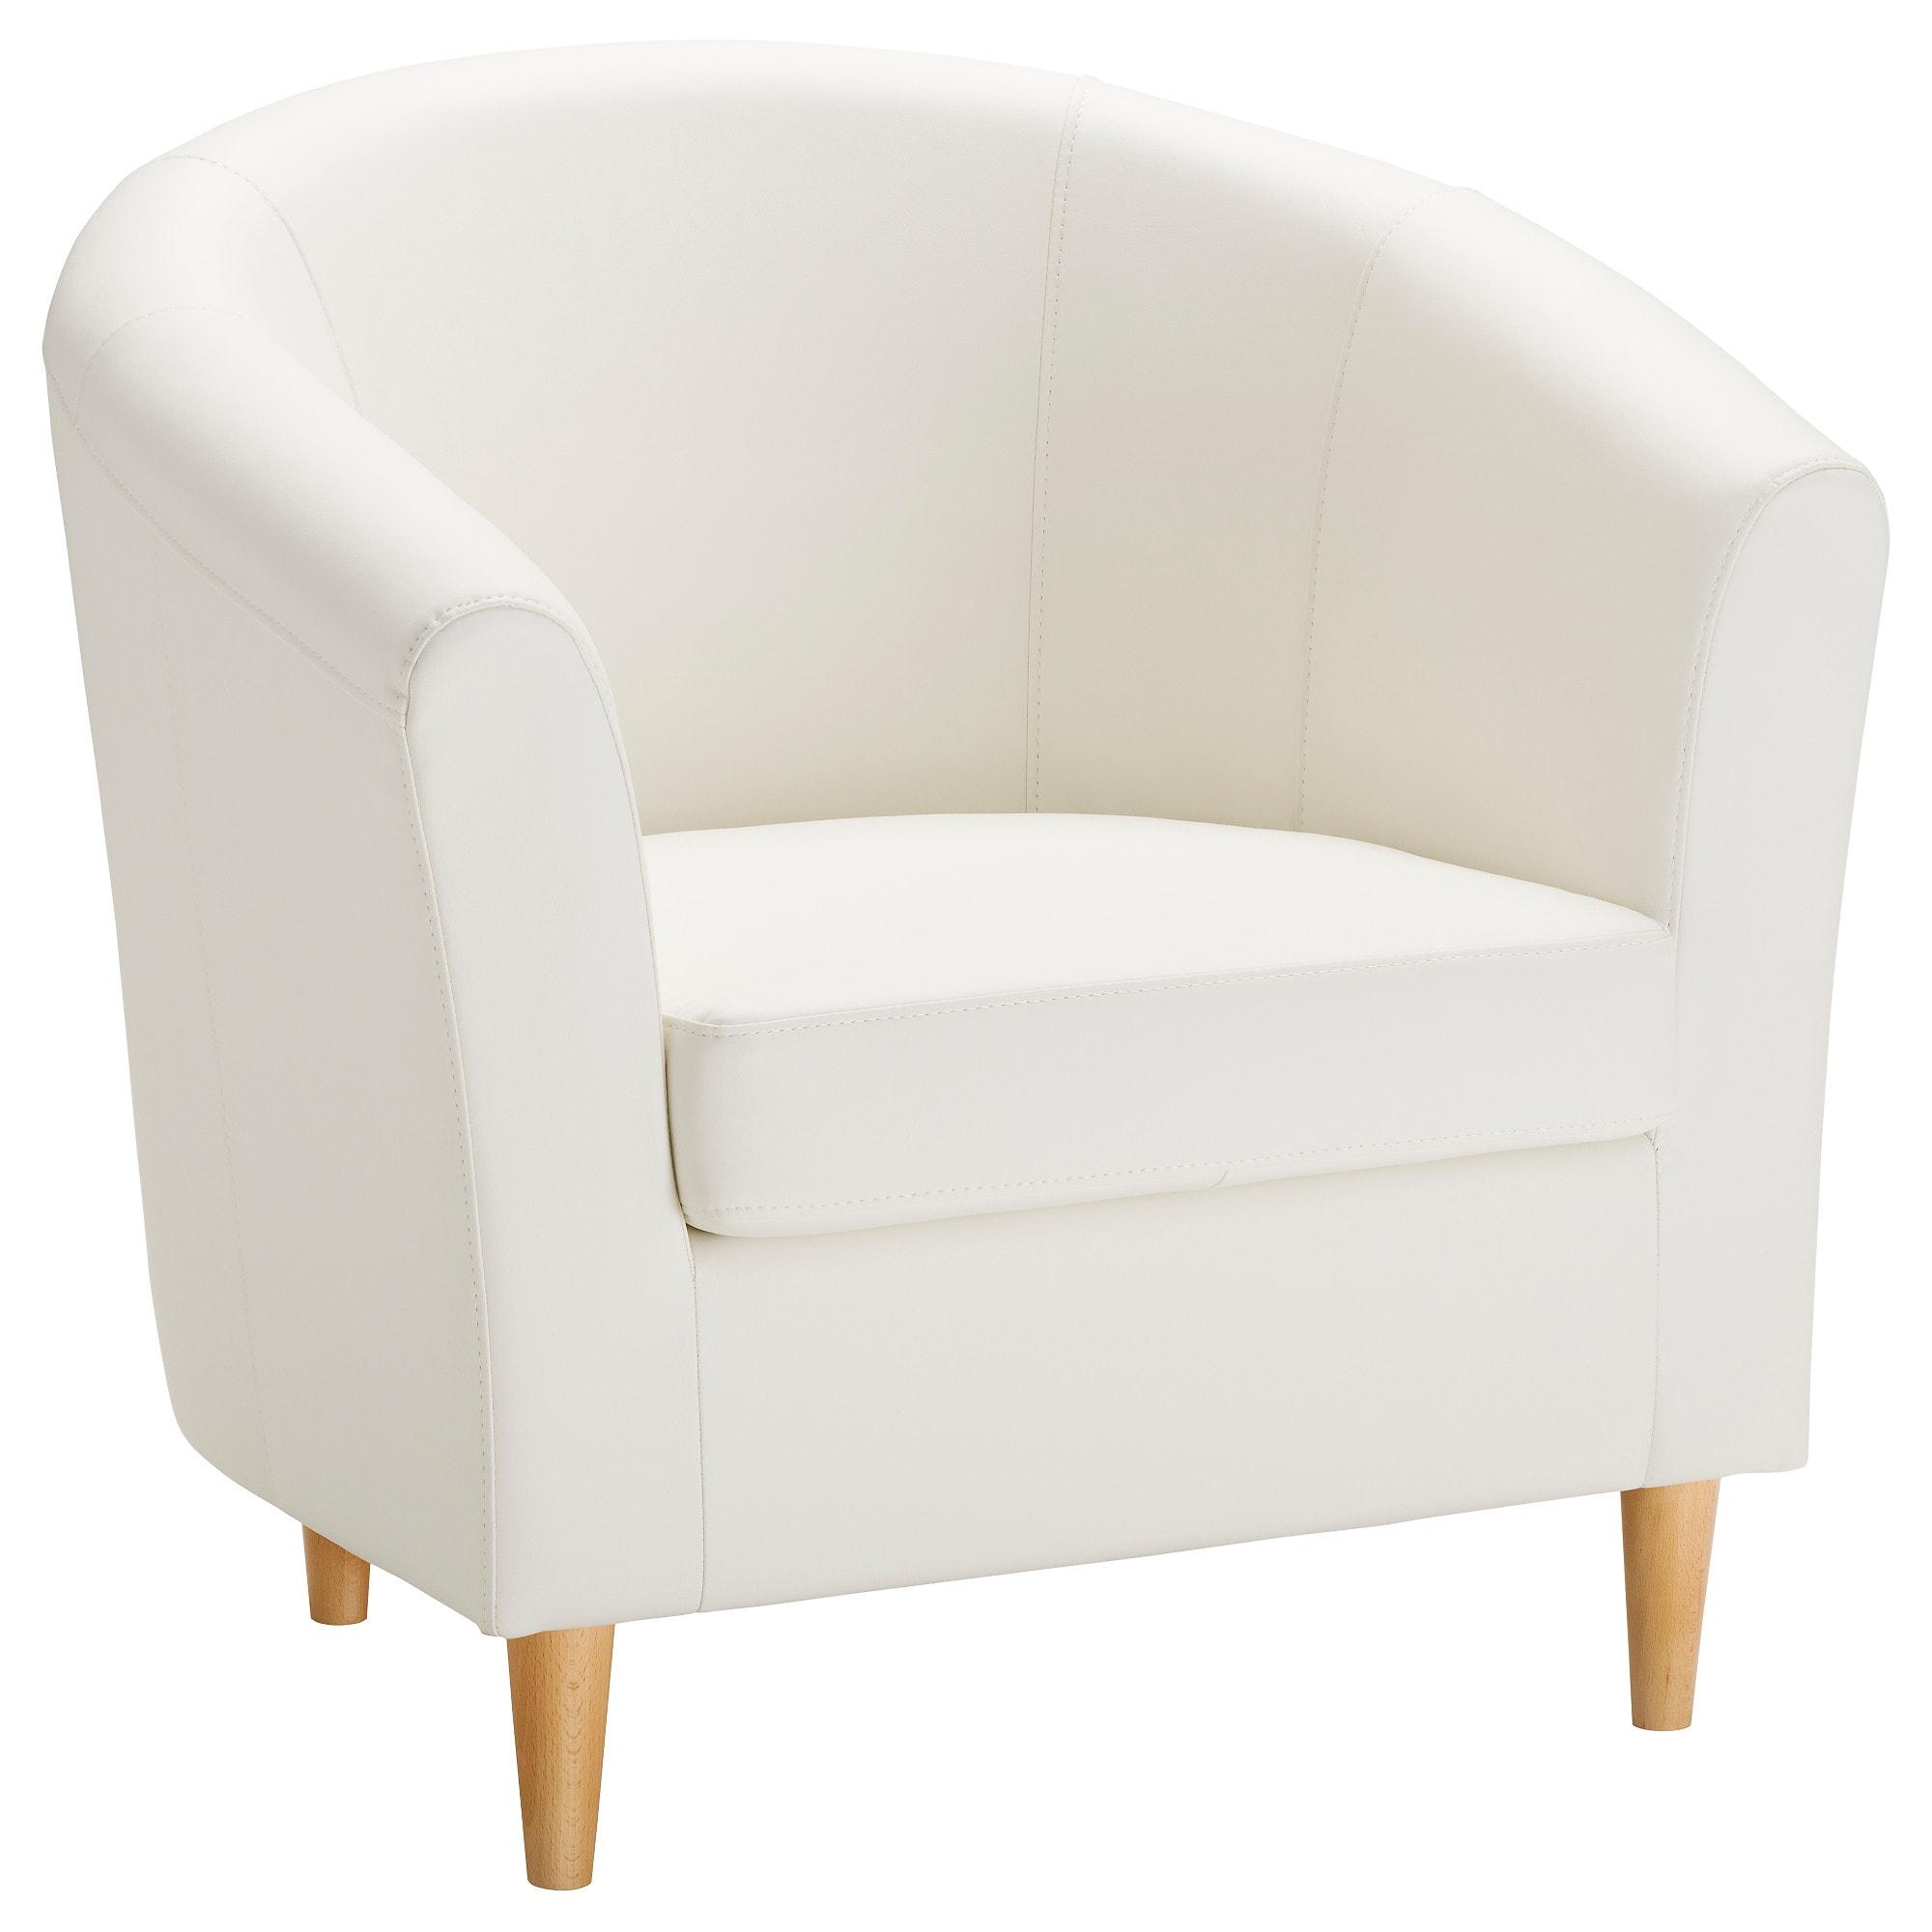 Sillones Baratos Ikea Zwd9 Sillones CÃ Modos Y De Calidad Pra Online Ikea